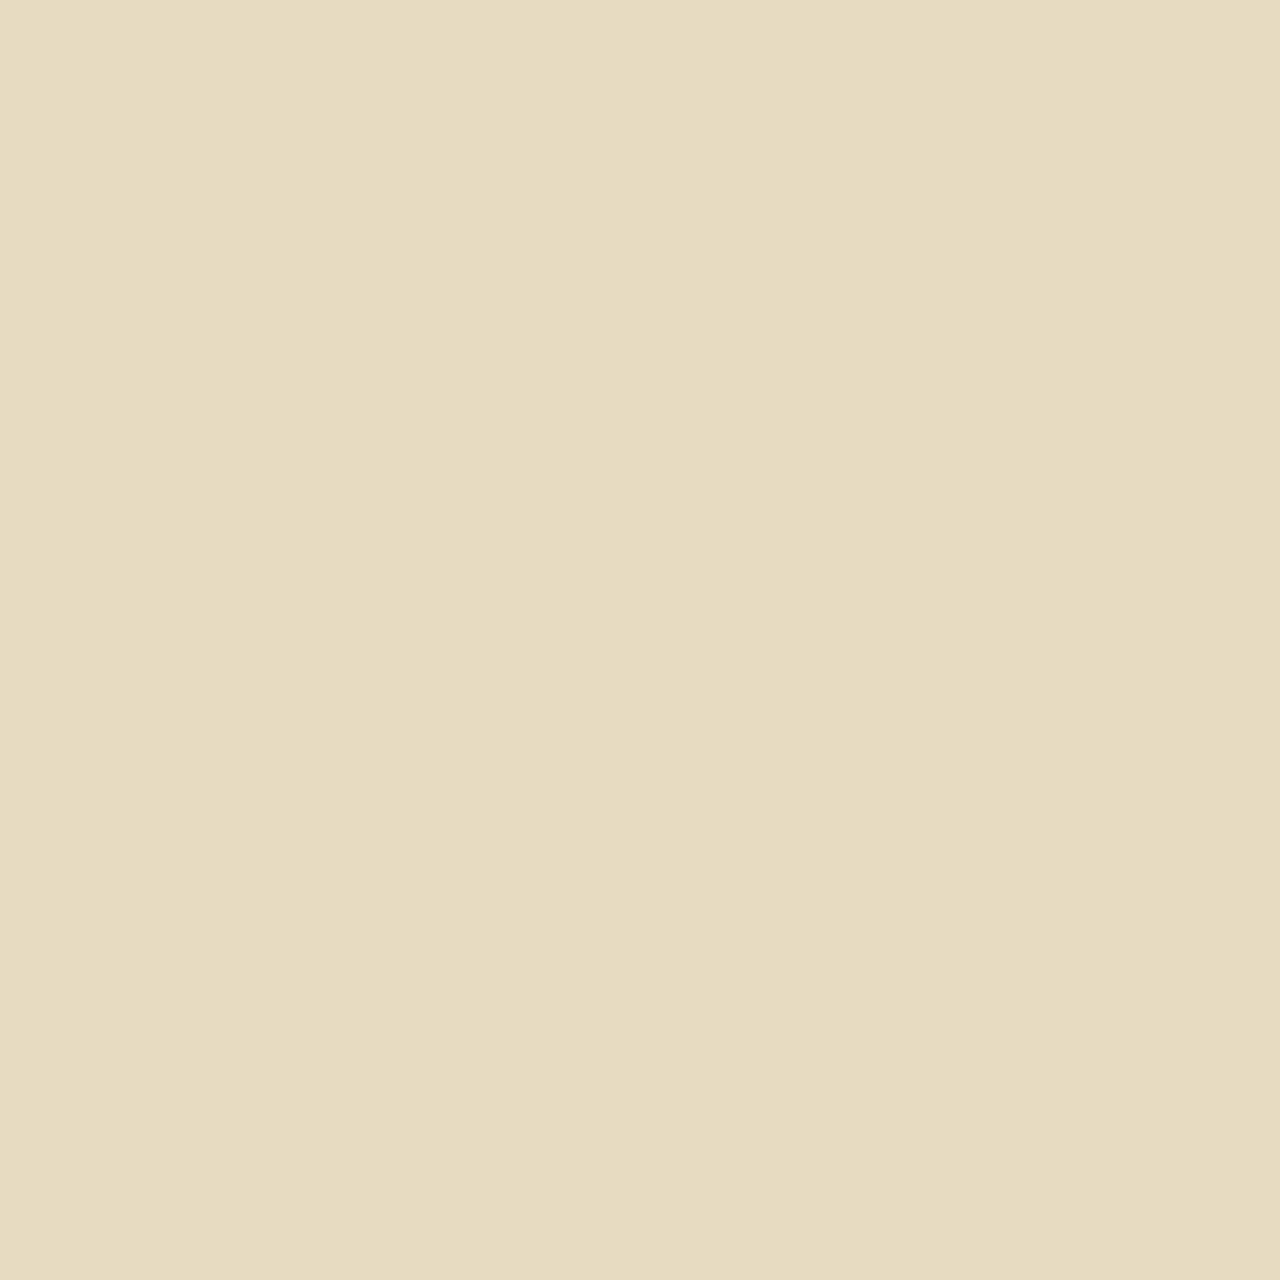 9057 Exclusiv